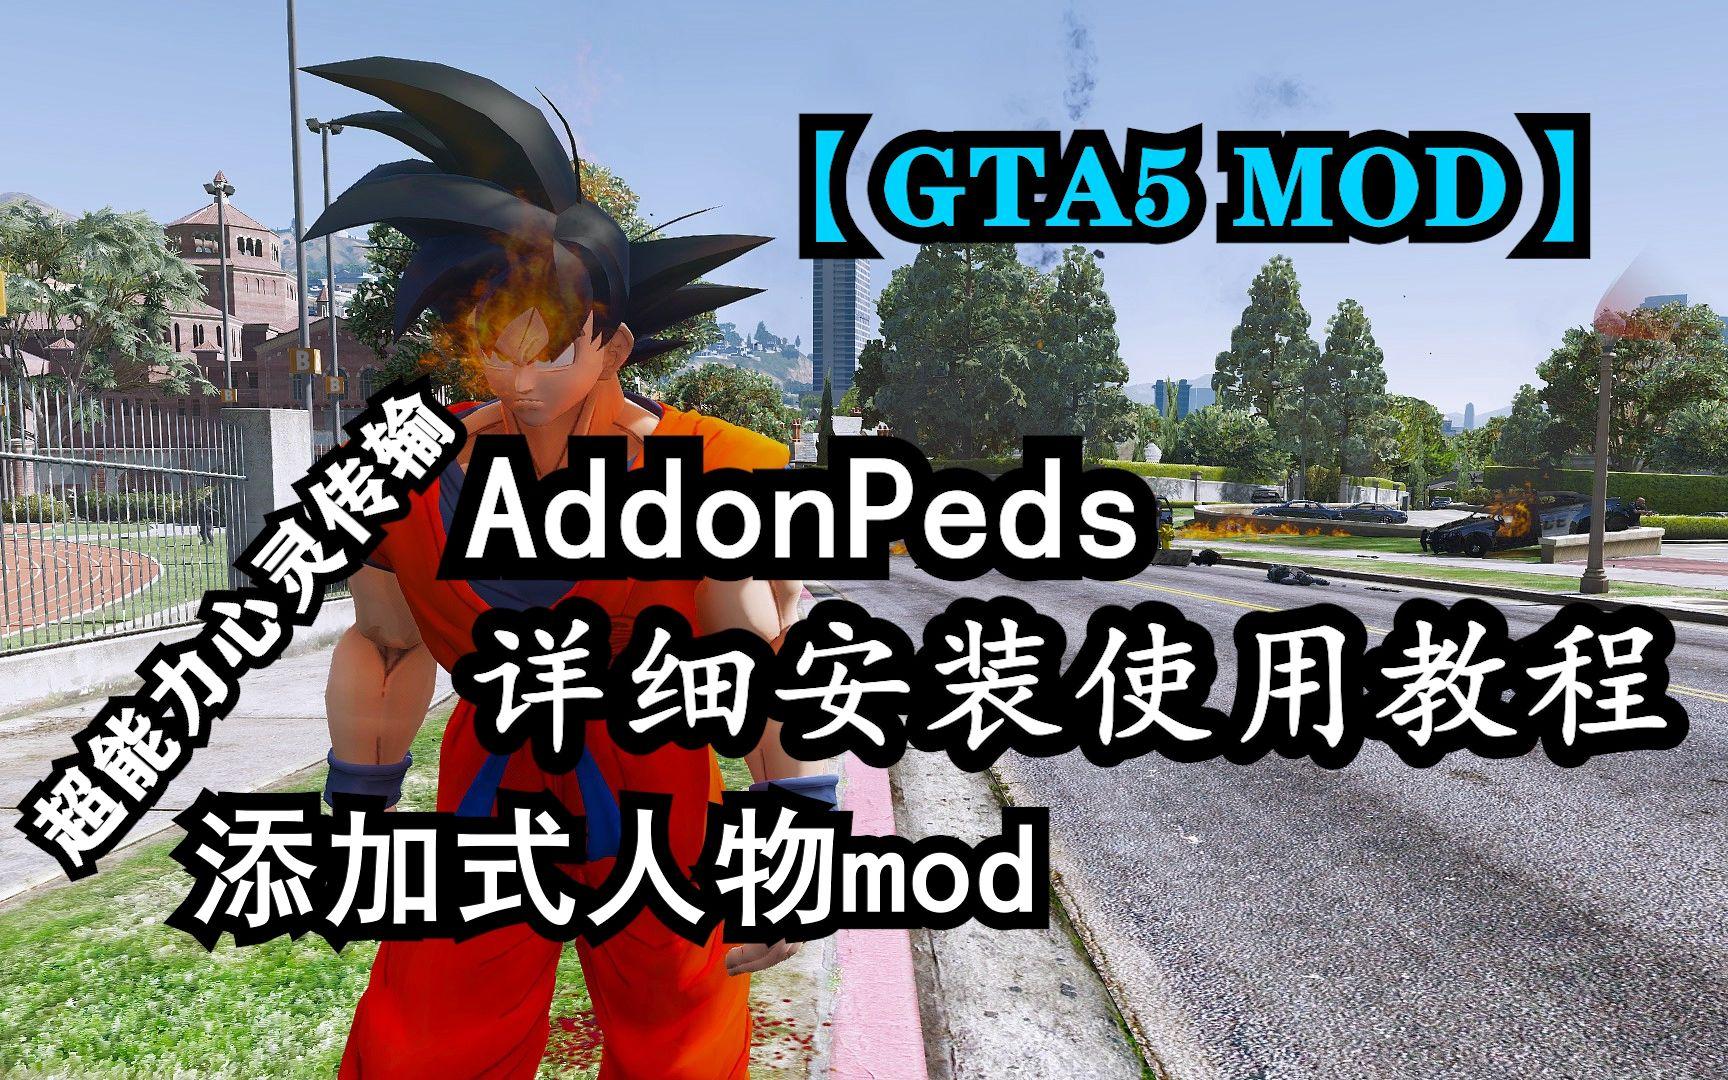 【GTA5 MOD】添加式人物mod(AddonPeds)详细安装教程!超能力心灵传输!教程 安装 下载_哔哩哔哩 (゜-゜)つロ  干杯~-bilibili